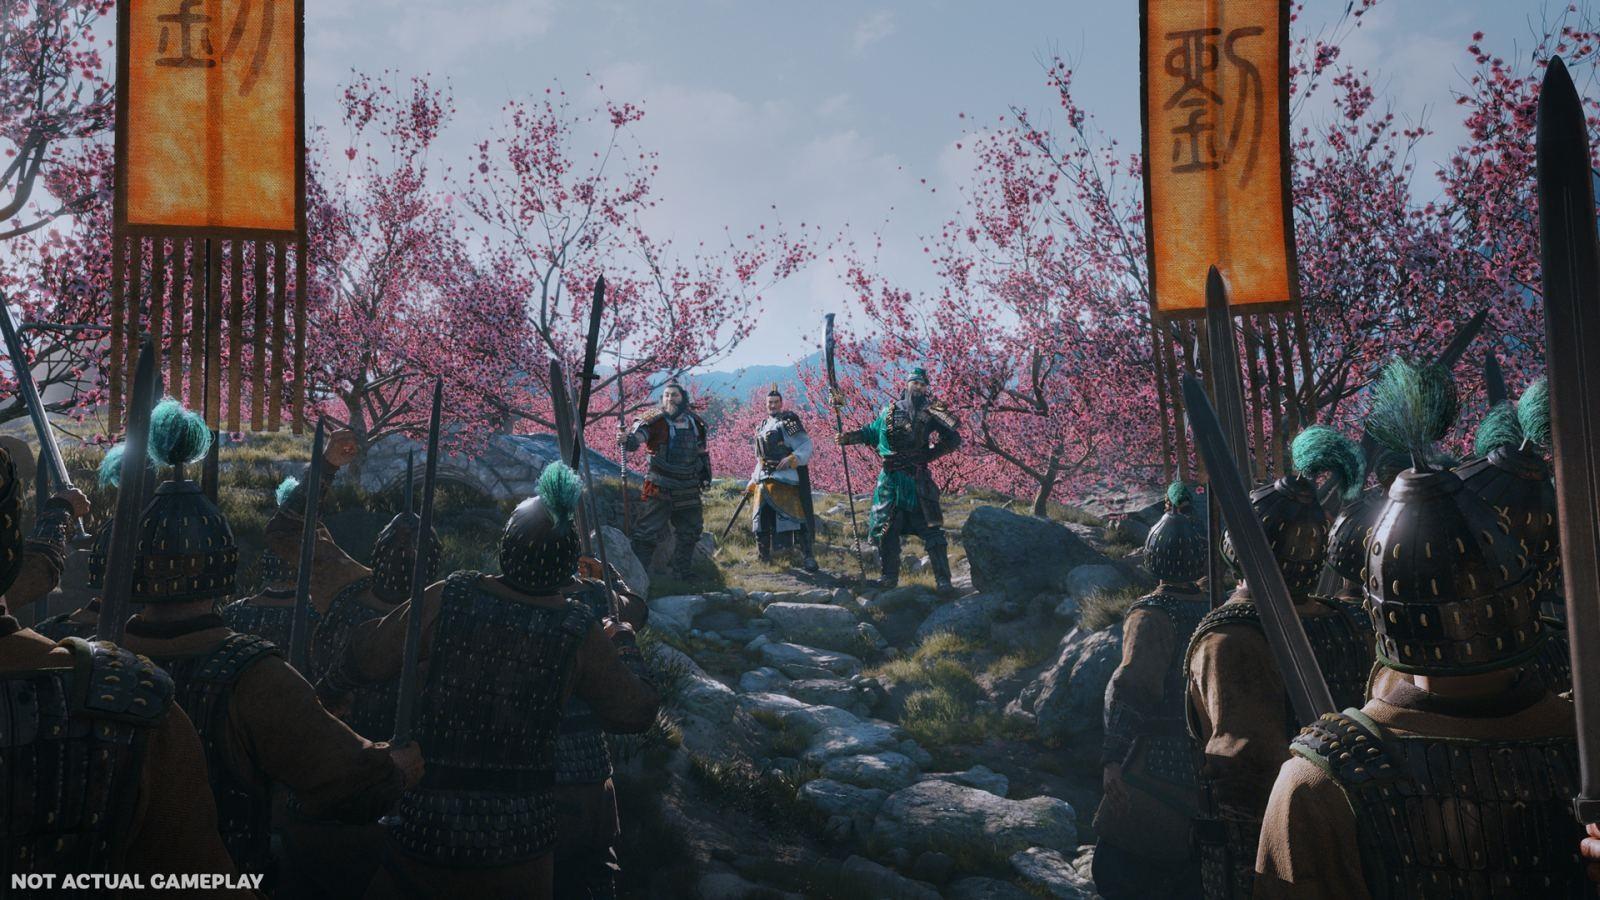 Nejočekávanější hry v roce 2019; Total War: Three Kingdoms, screenshot: shromáždění